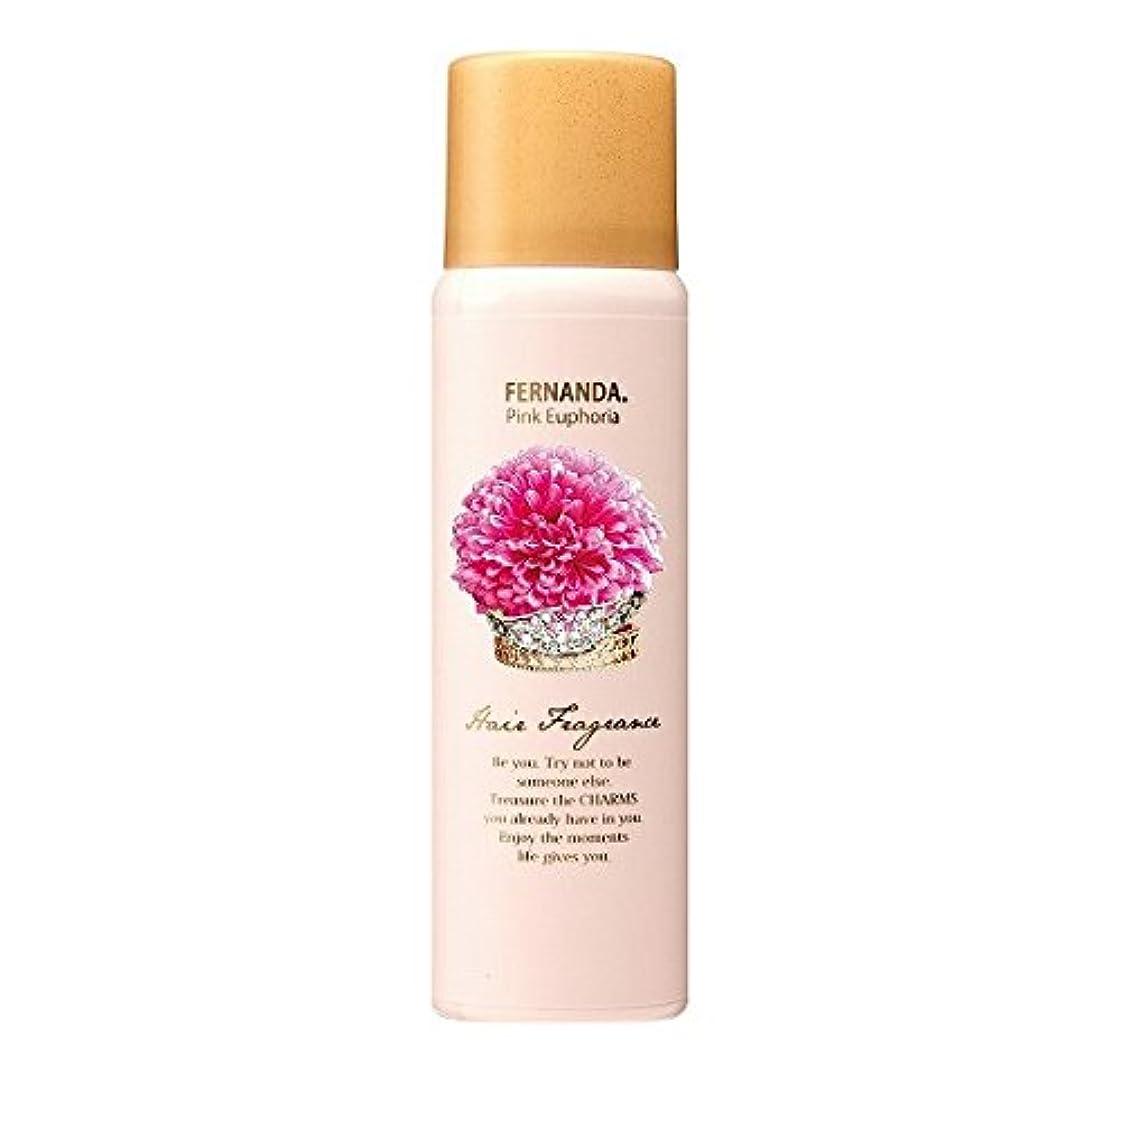 ラオス人運河鉛FERNANDA(フェルナンダ) Hair Fragrance Pink Euphoria (ヘアー フレグランス ピンクエウフォリア)